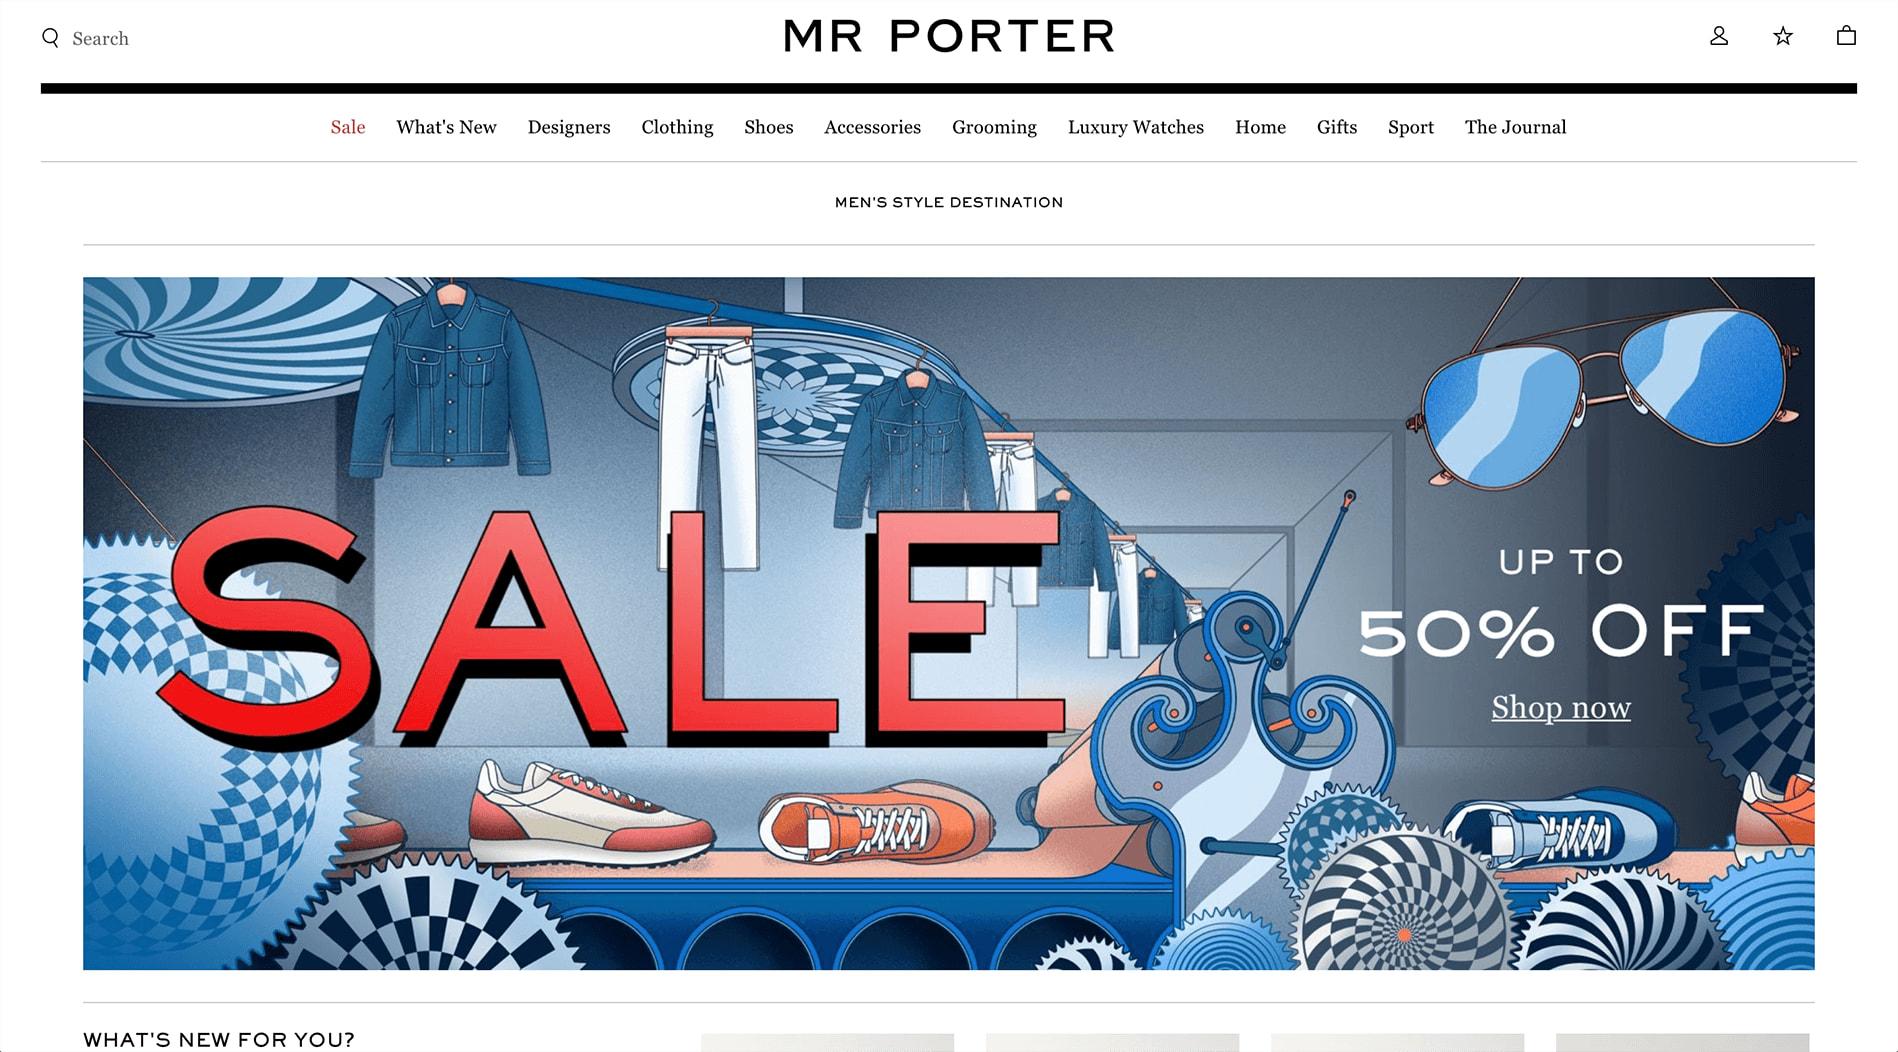 MR PORTER Affiliate Program